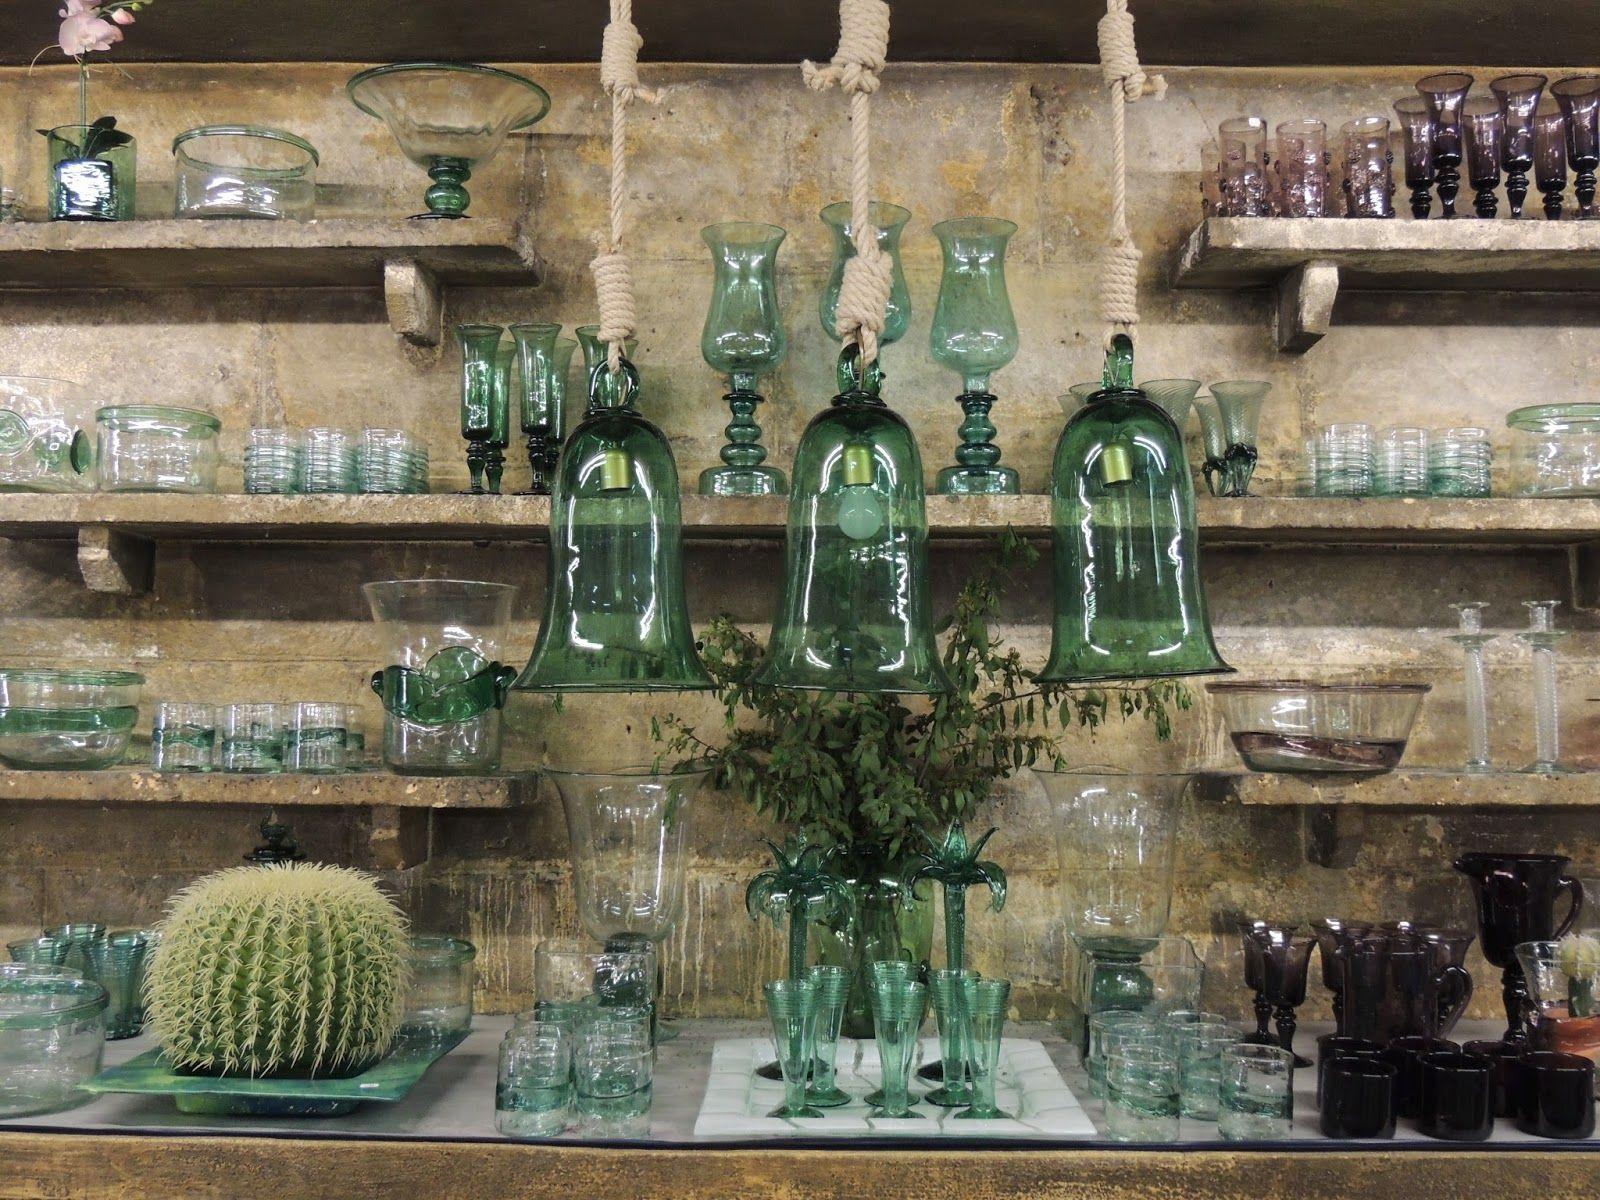 Gordiola Campana De Cristal Soplado Mallorca Pinterest Soplo  # Muebles Hermanos Miquel Manacor